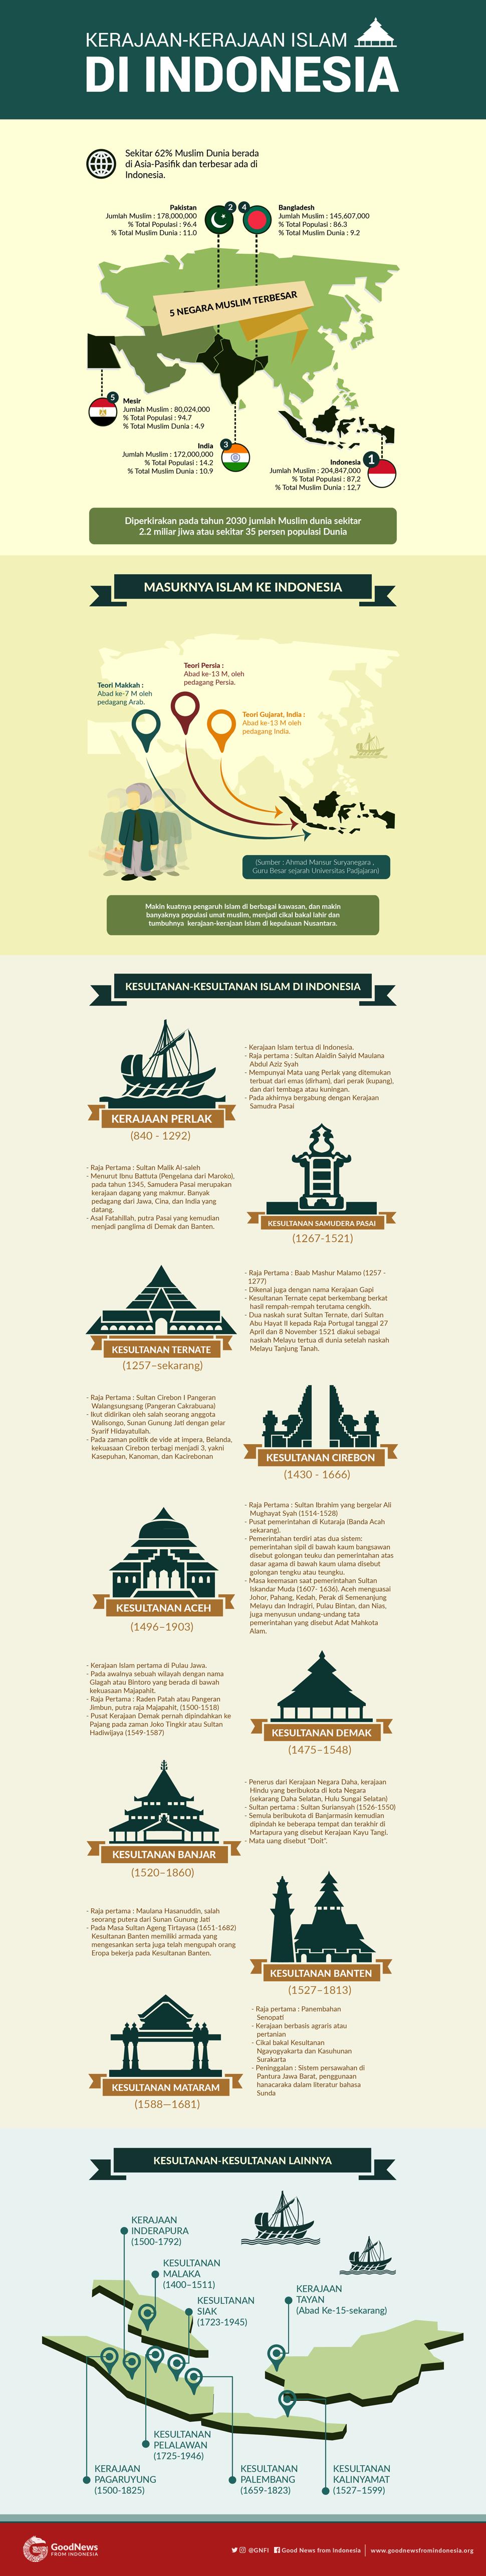 Contoh Peninggalan Kerajaan Islam : contoh, peninggalan, kerajaan, islam, Cerita, Indah